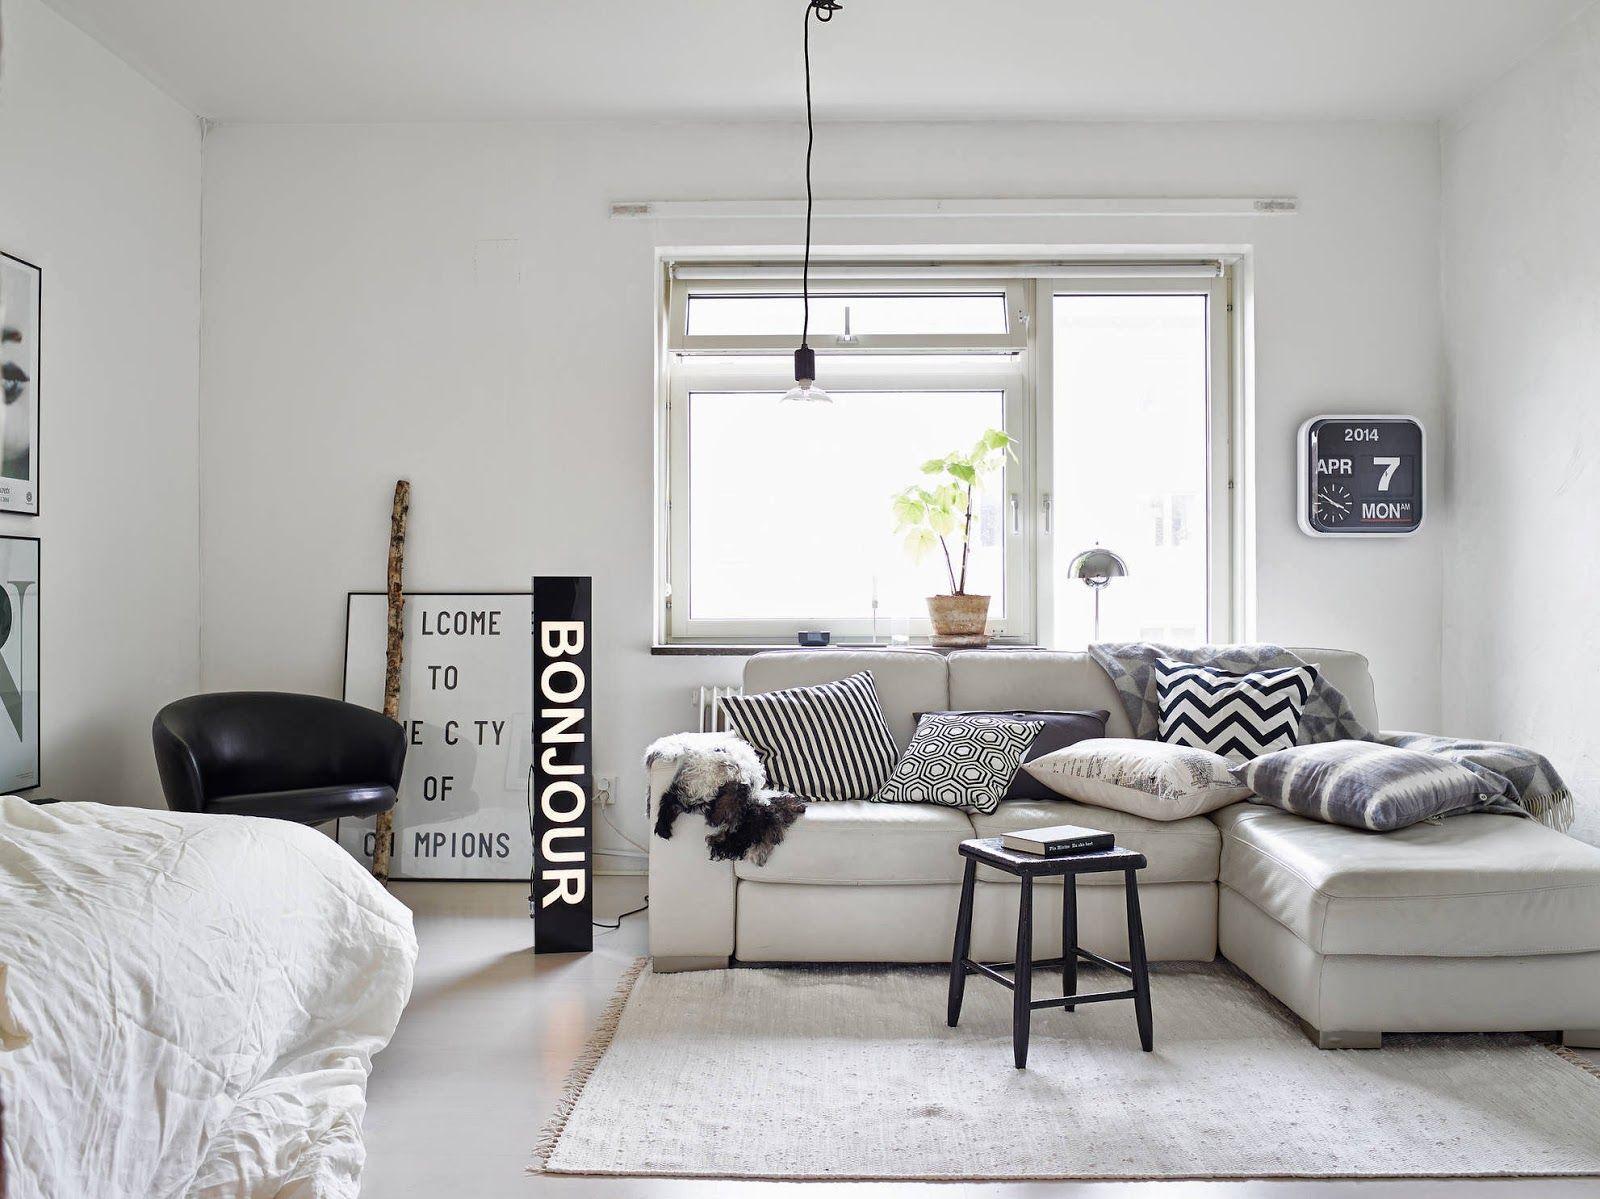 Graphic 37m2 | Living Room | Pinterest | Von innen nach außen, Ich ...